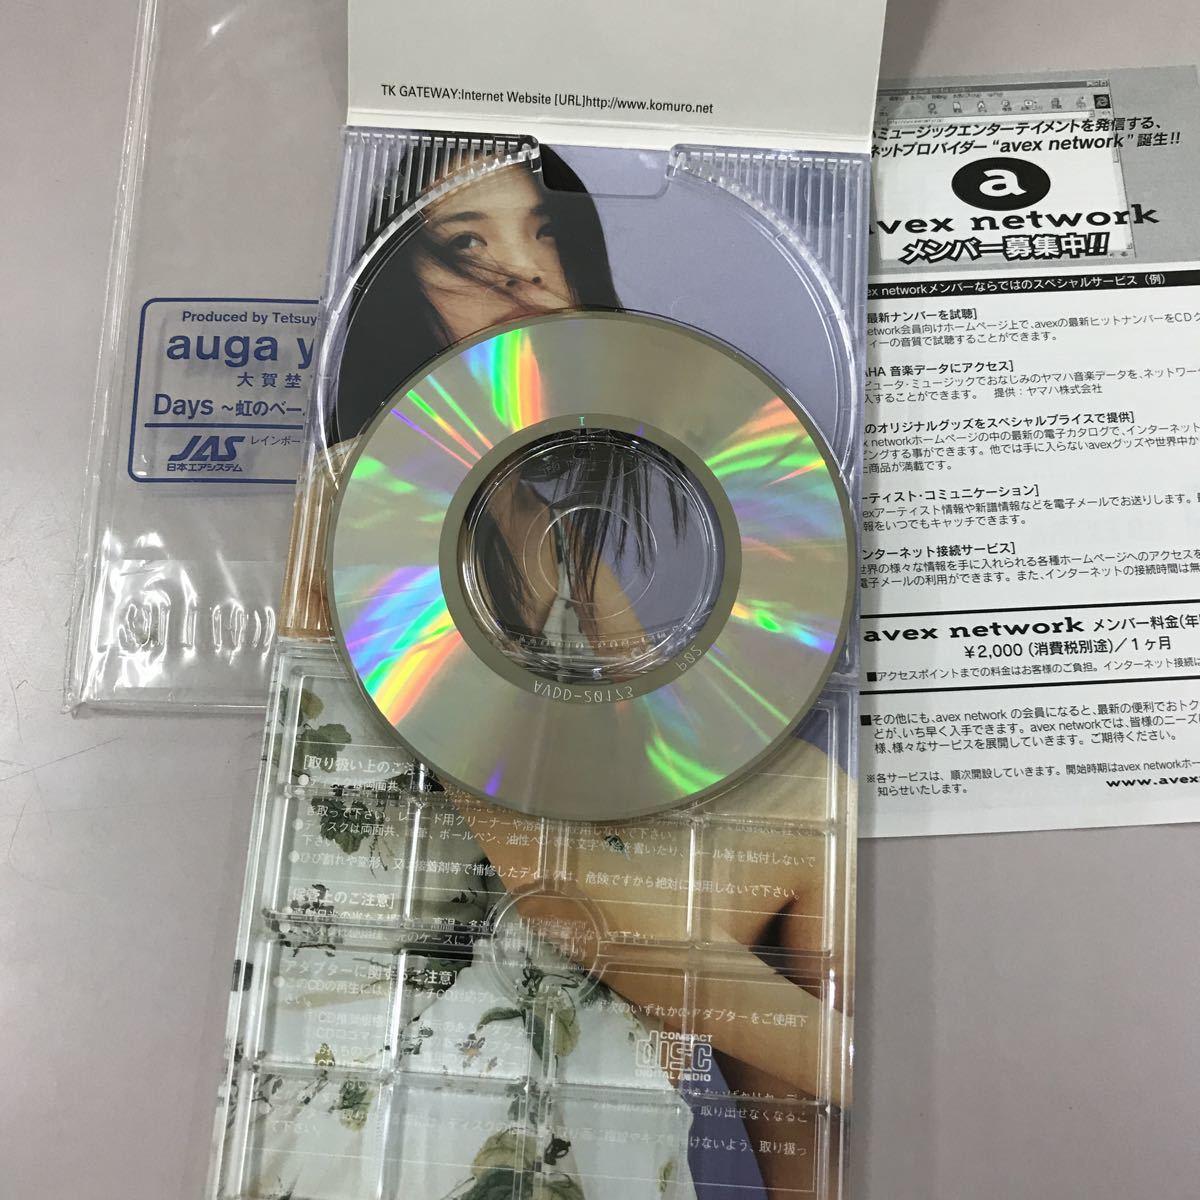 シングルCD 8センチ 中古【邦楽】長期保存品 大賀 Days~虹のベールに抱かれて